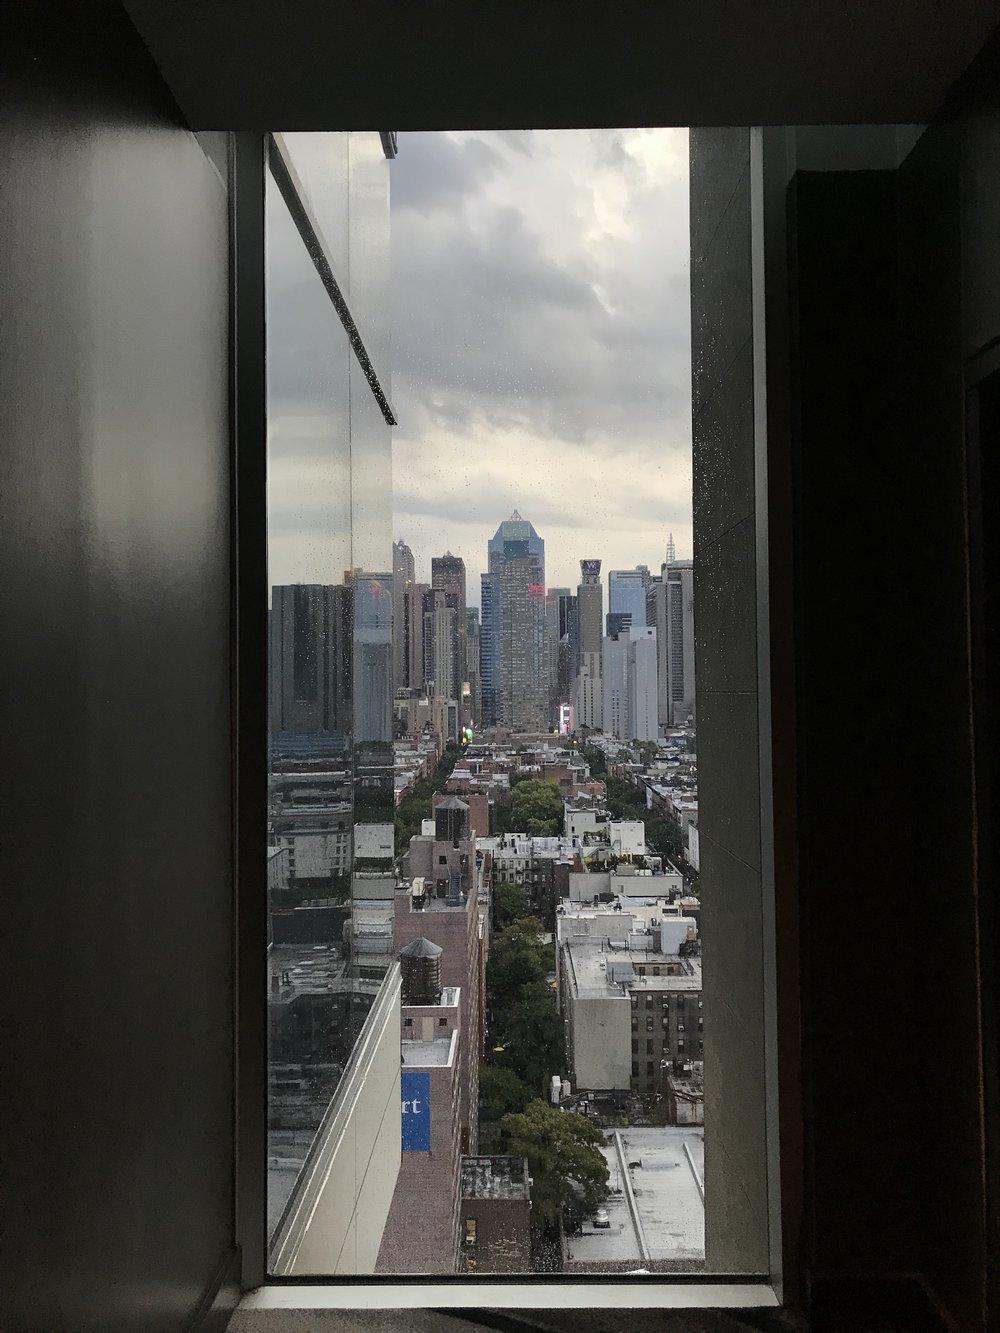 Bre Sheppard - My First NYFW - Rainy NYC.jpg